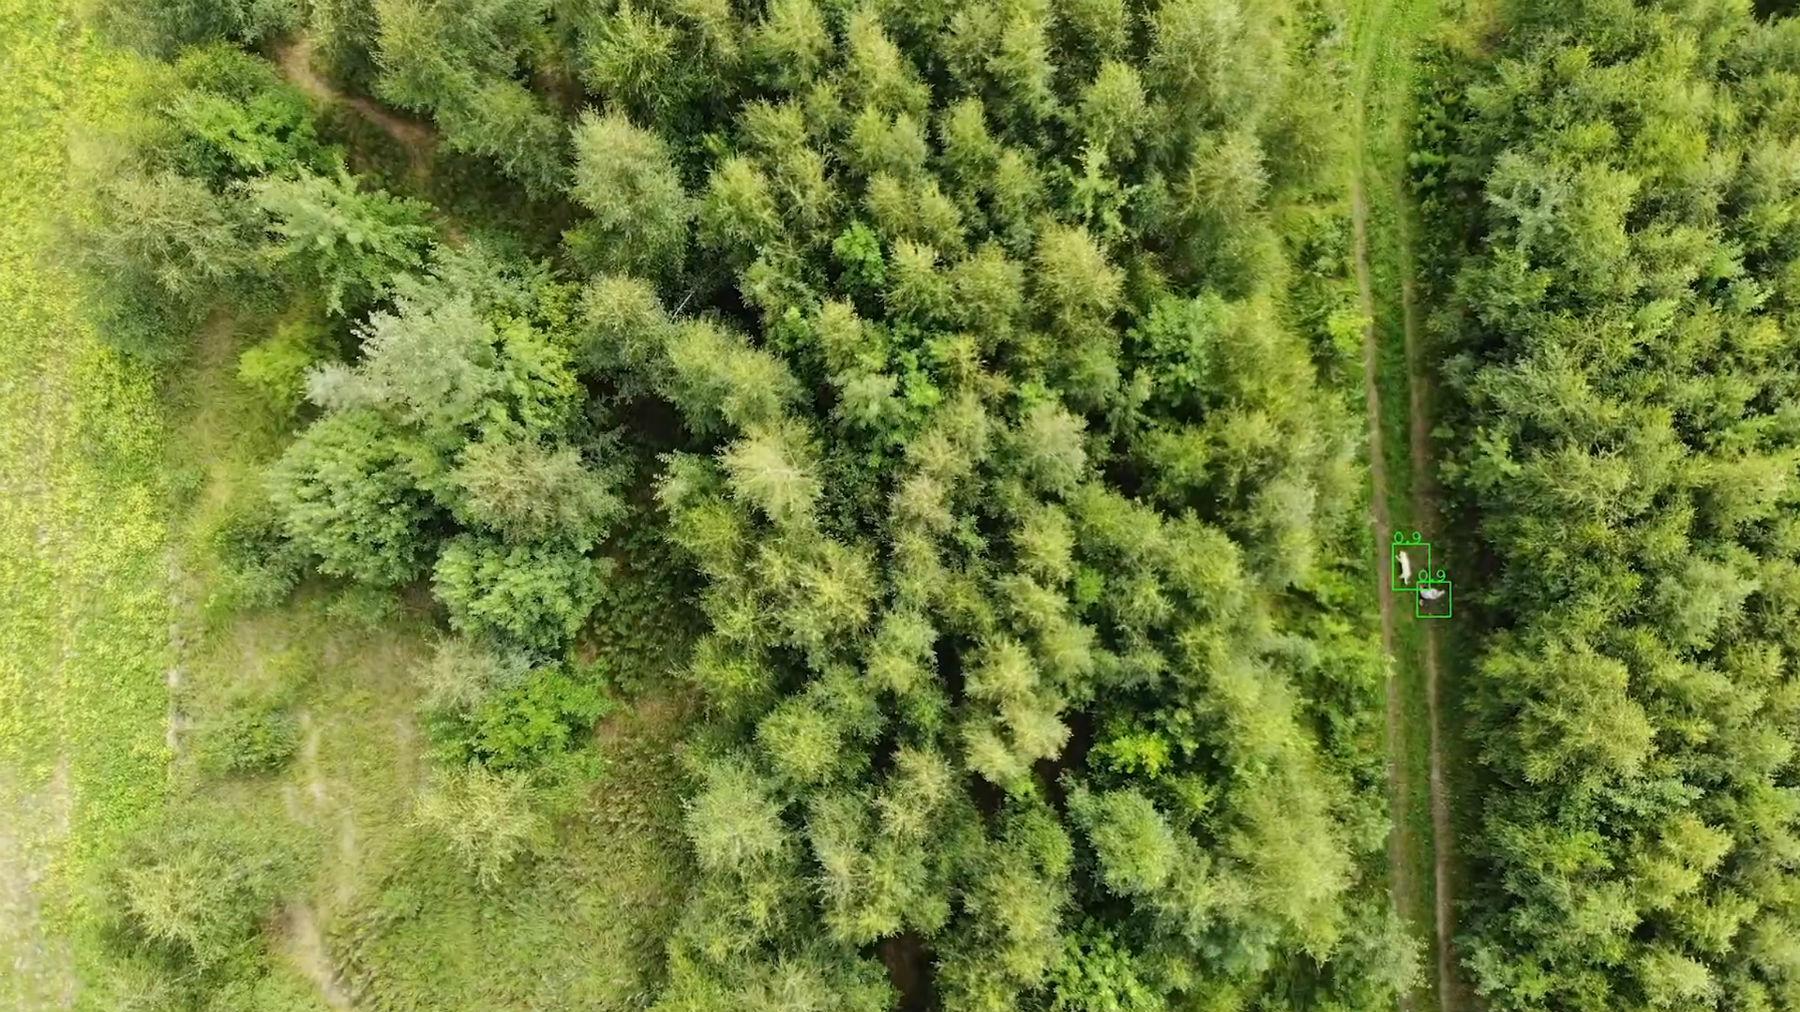 Лес не сдается технологиям поиска, но инженеры наносят ответный удар - 5